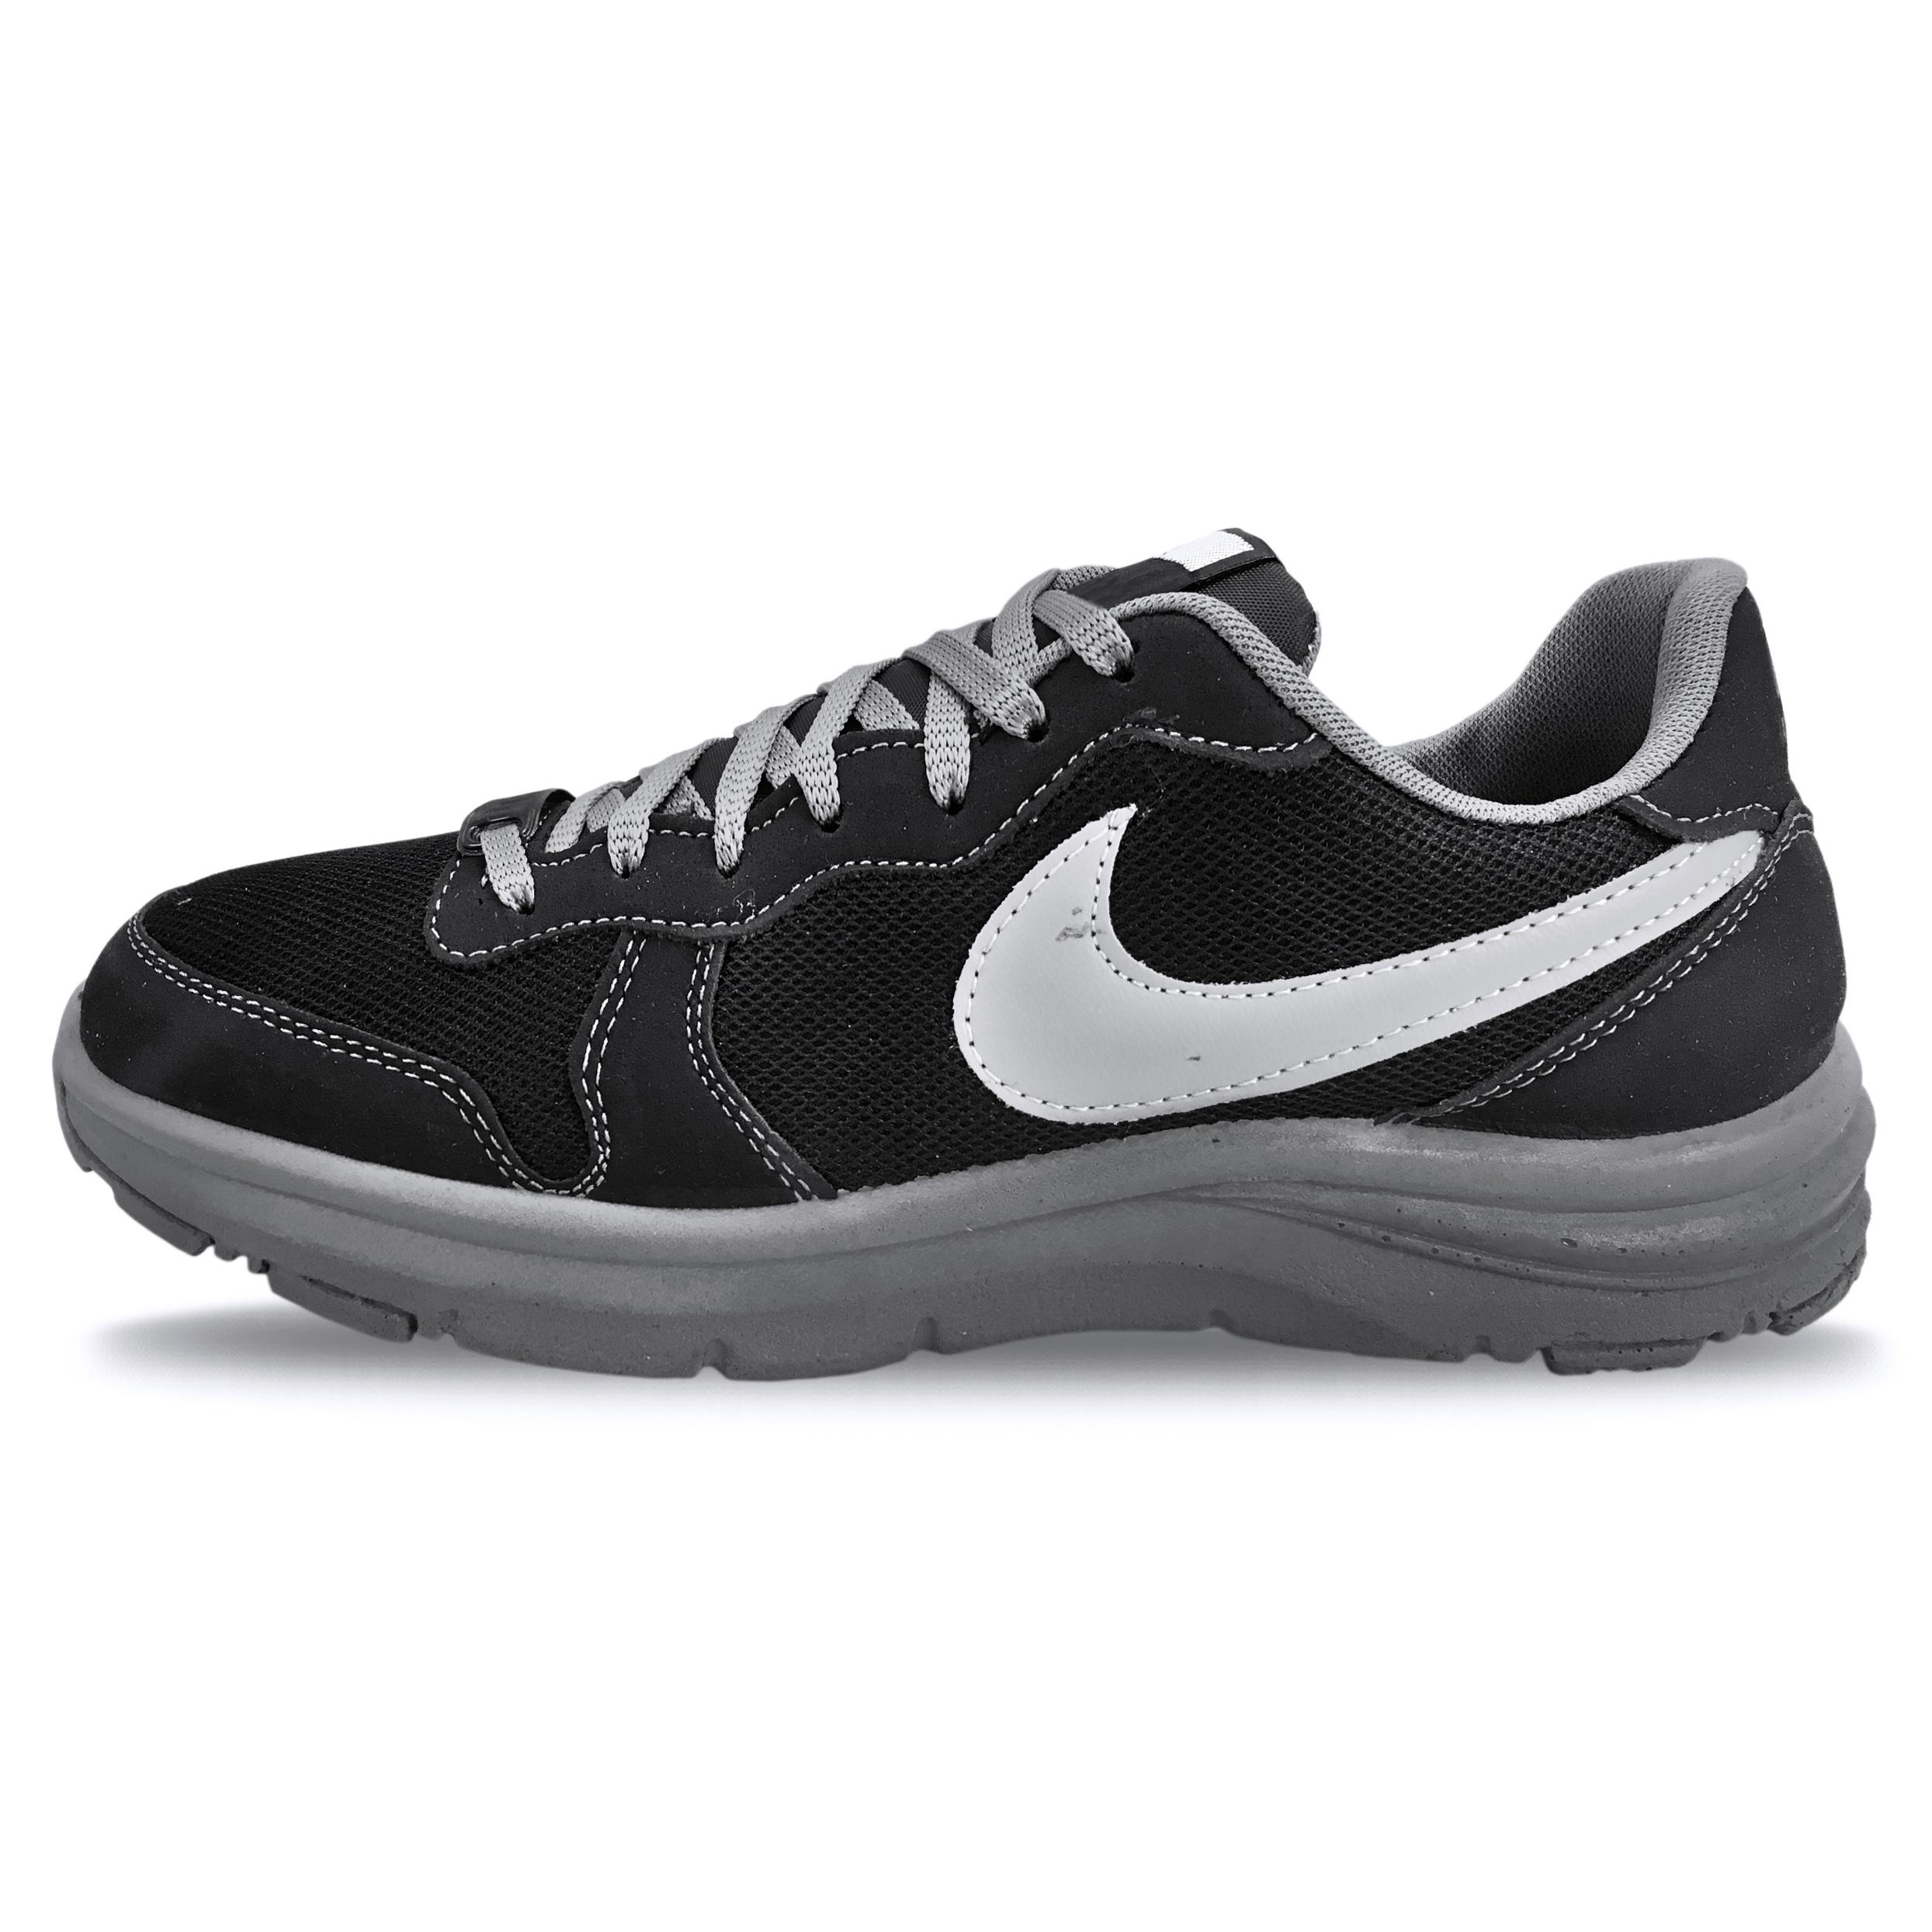 خرید                      کفش  پیاده روی مردانه سنگام طرح بومرنگ کد 3756